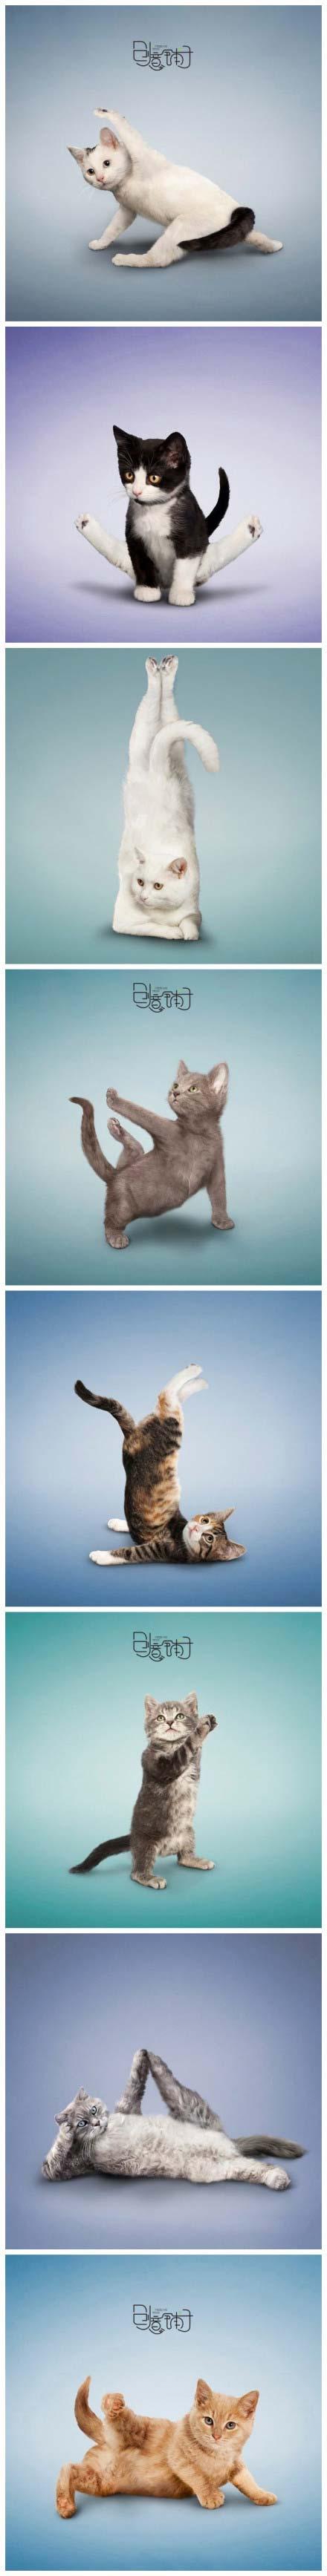 รูปสัตว์น่ารัก ๆ